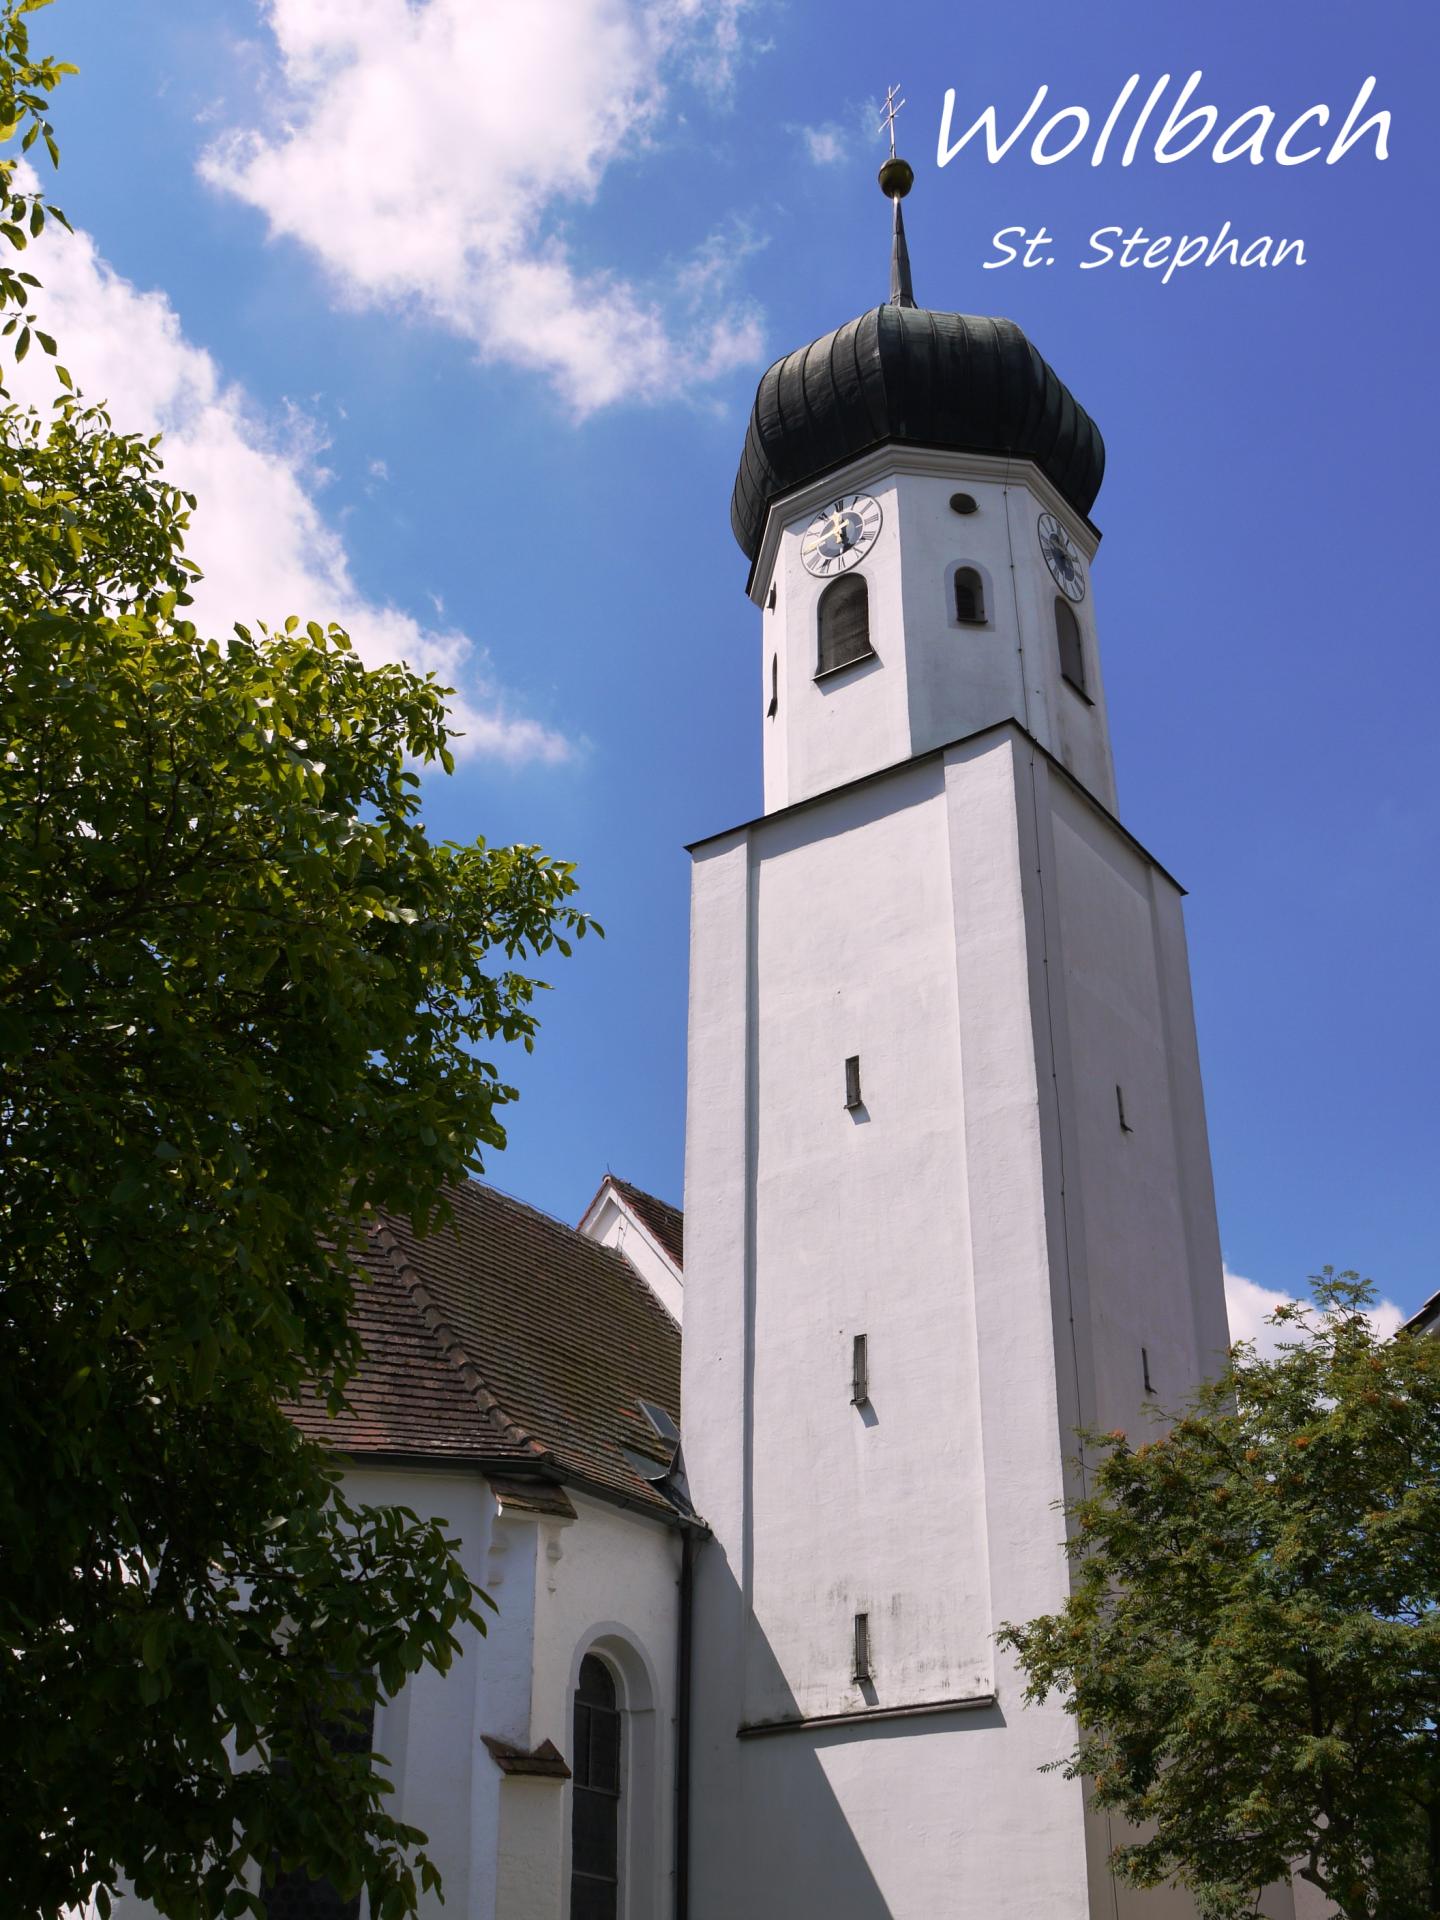 Wollbach, Kirchturm St. Stephan; Foto: Max Trometer